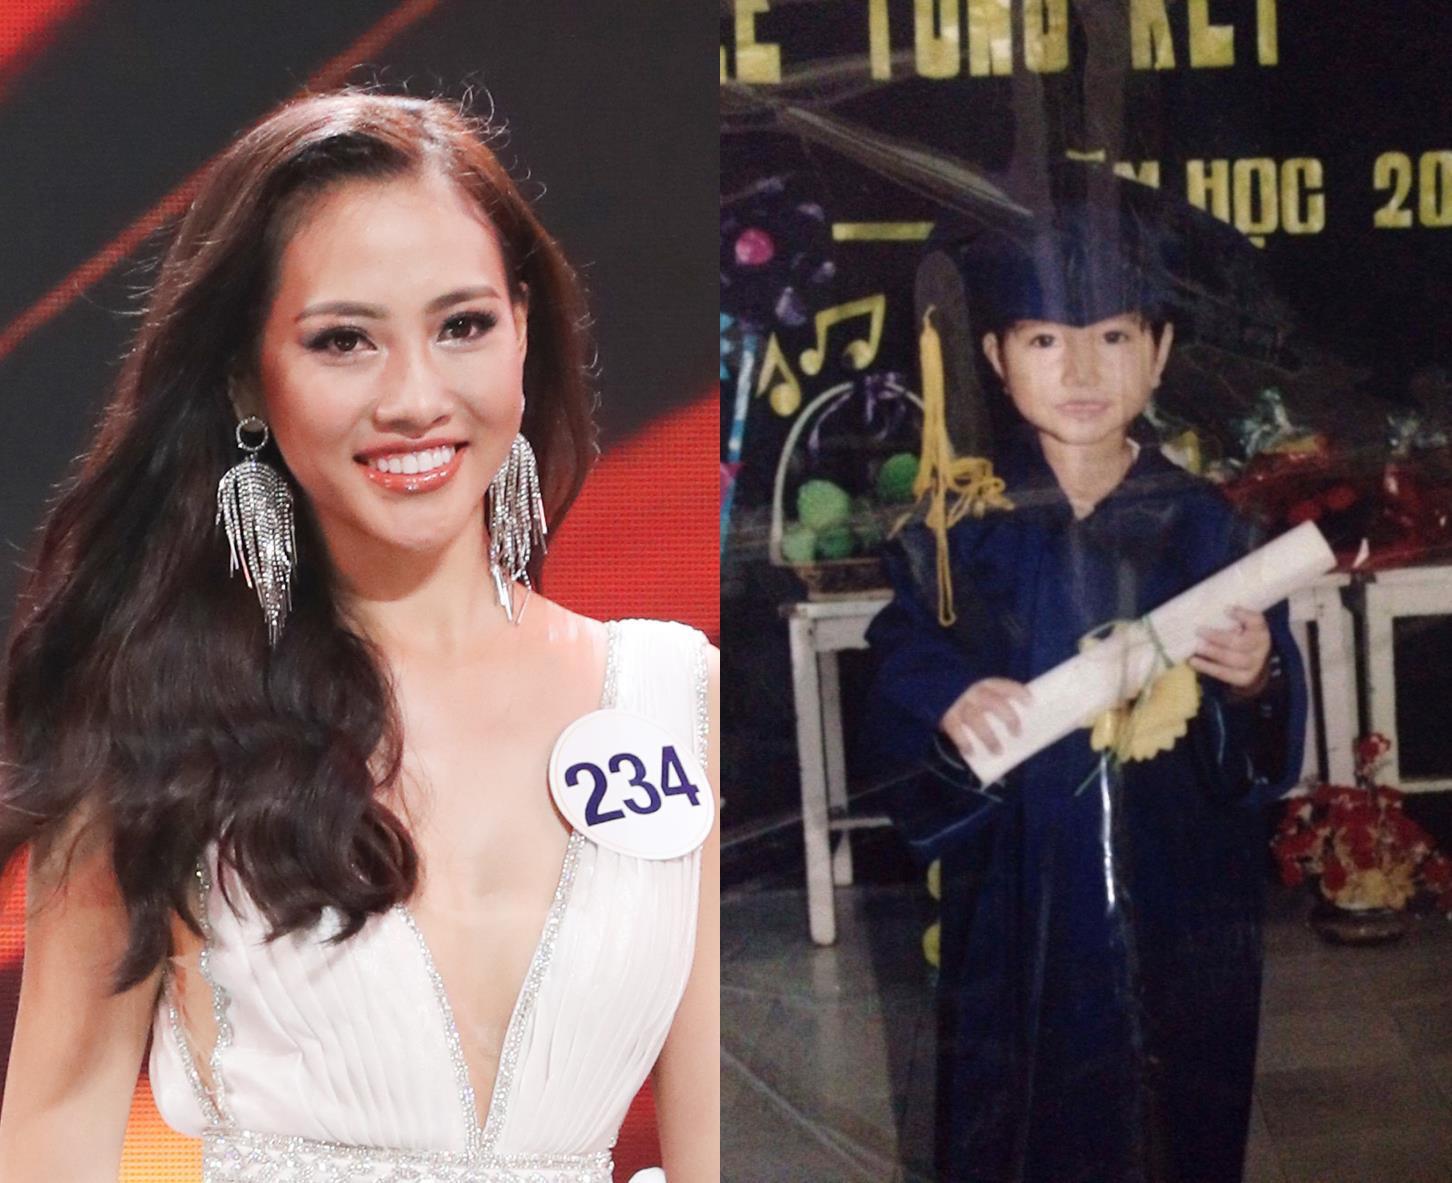 Ảnh ngày ấy - bây giờ của dàn thí sinh Hoa hậu Hoàn vũ, ai xinh hơn? - Ảnh 14.